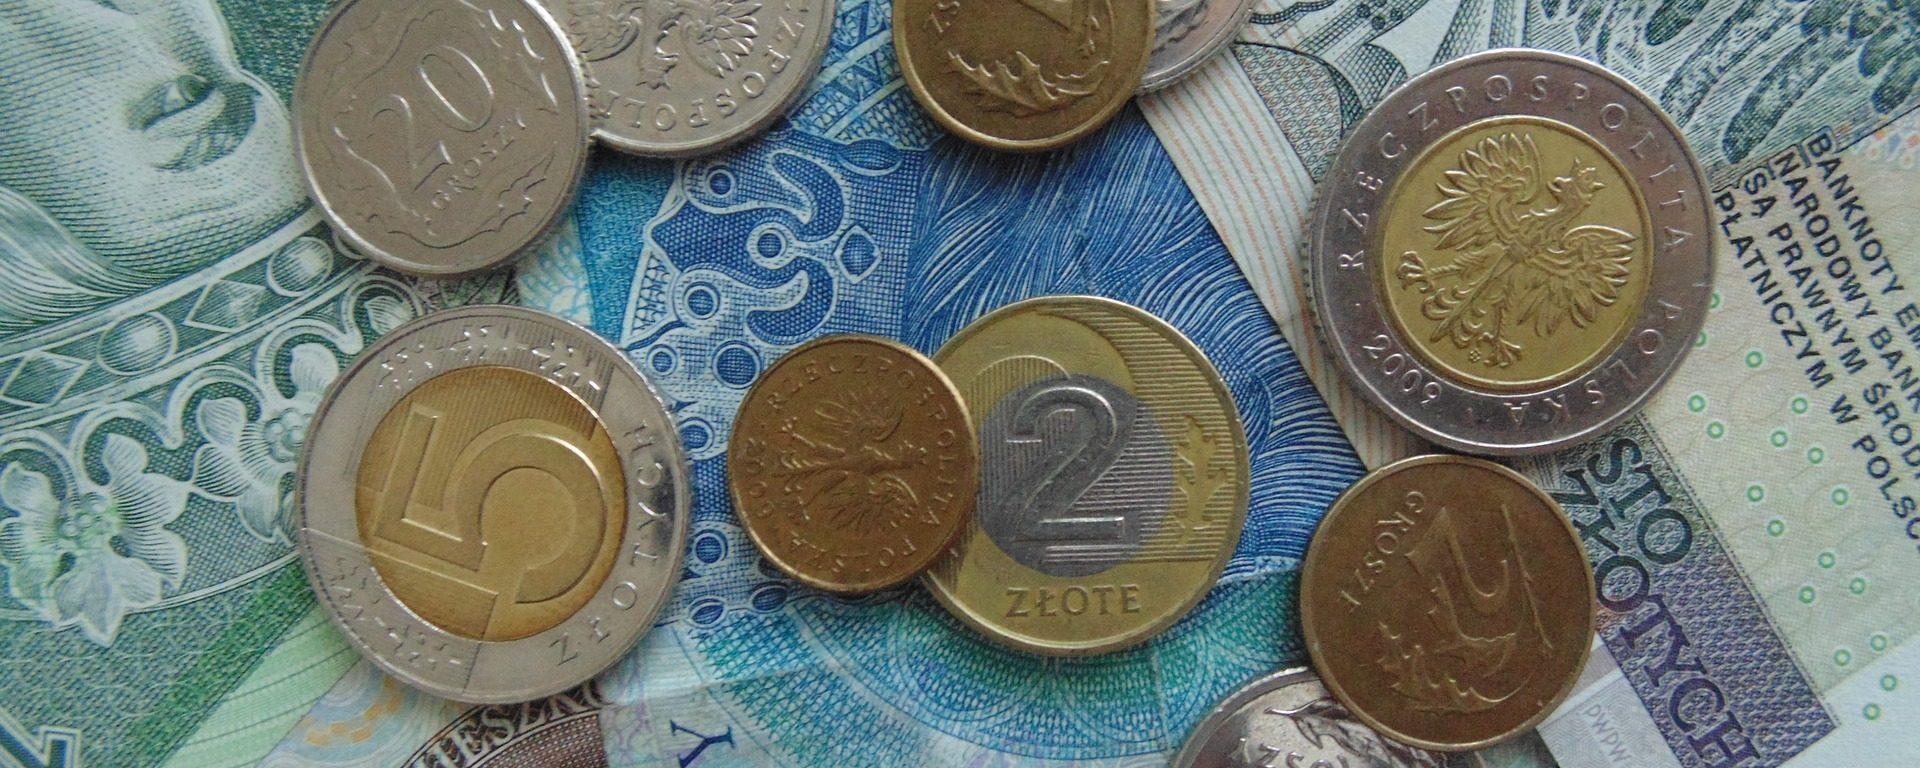 money-1454004_1920-1920x768